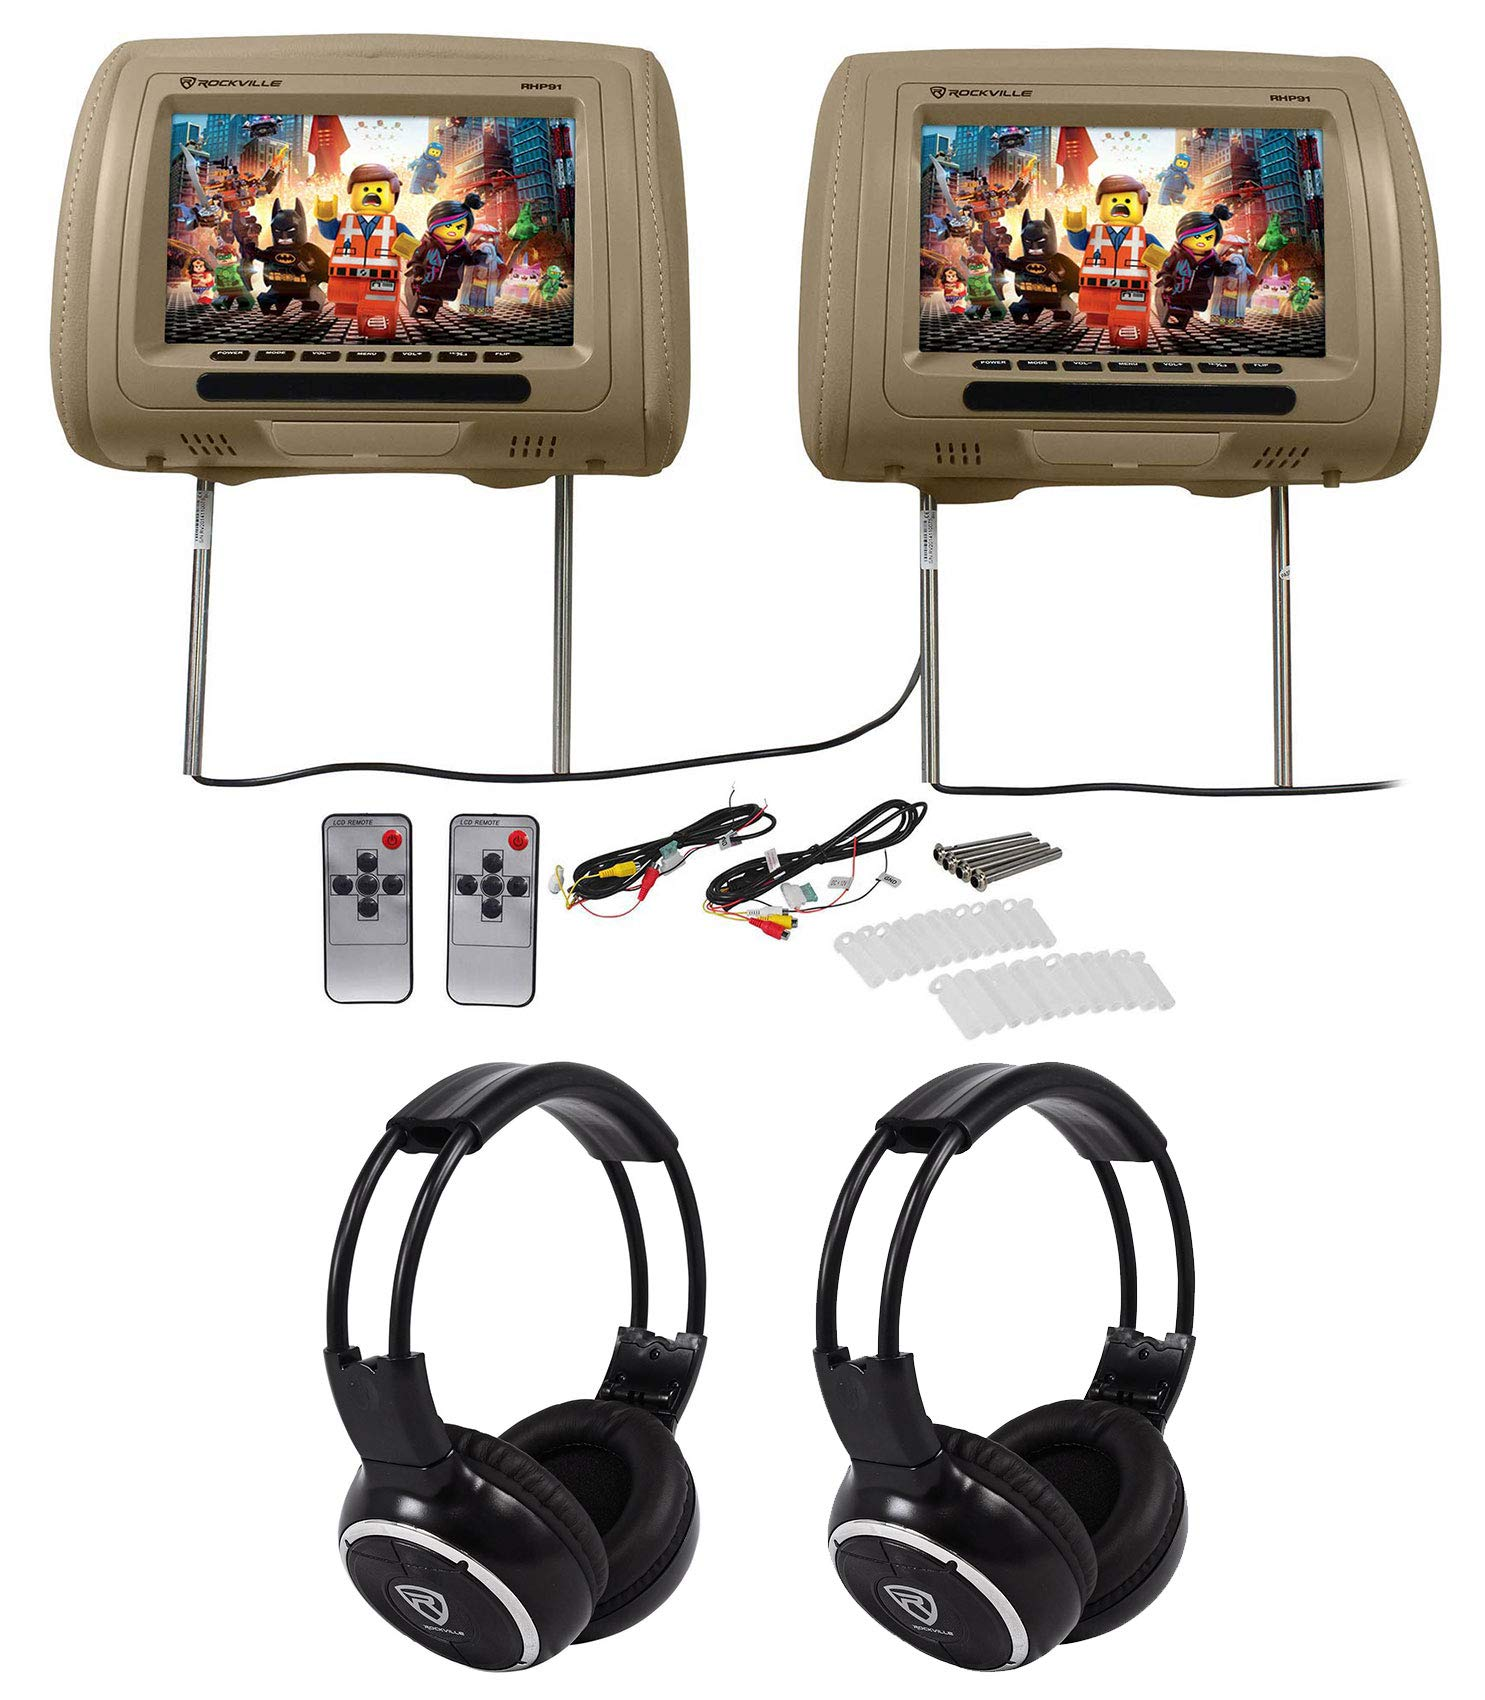 Pair Rockville RHP91-BG v2 9 Beige Car Headrest Monitors w/ Speakers+Headphones by Rockville